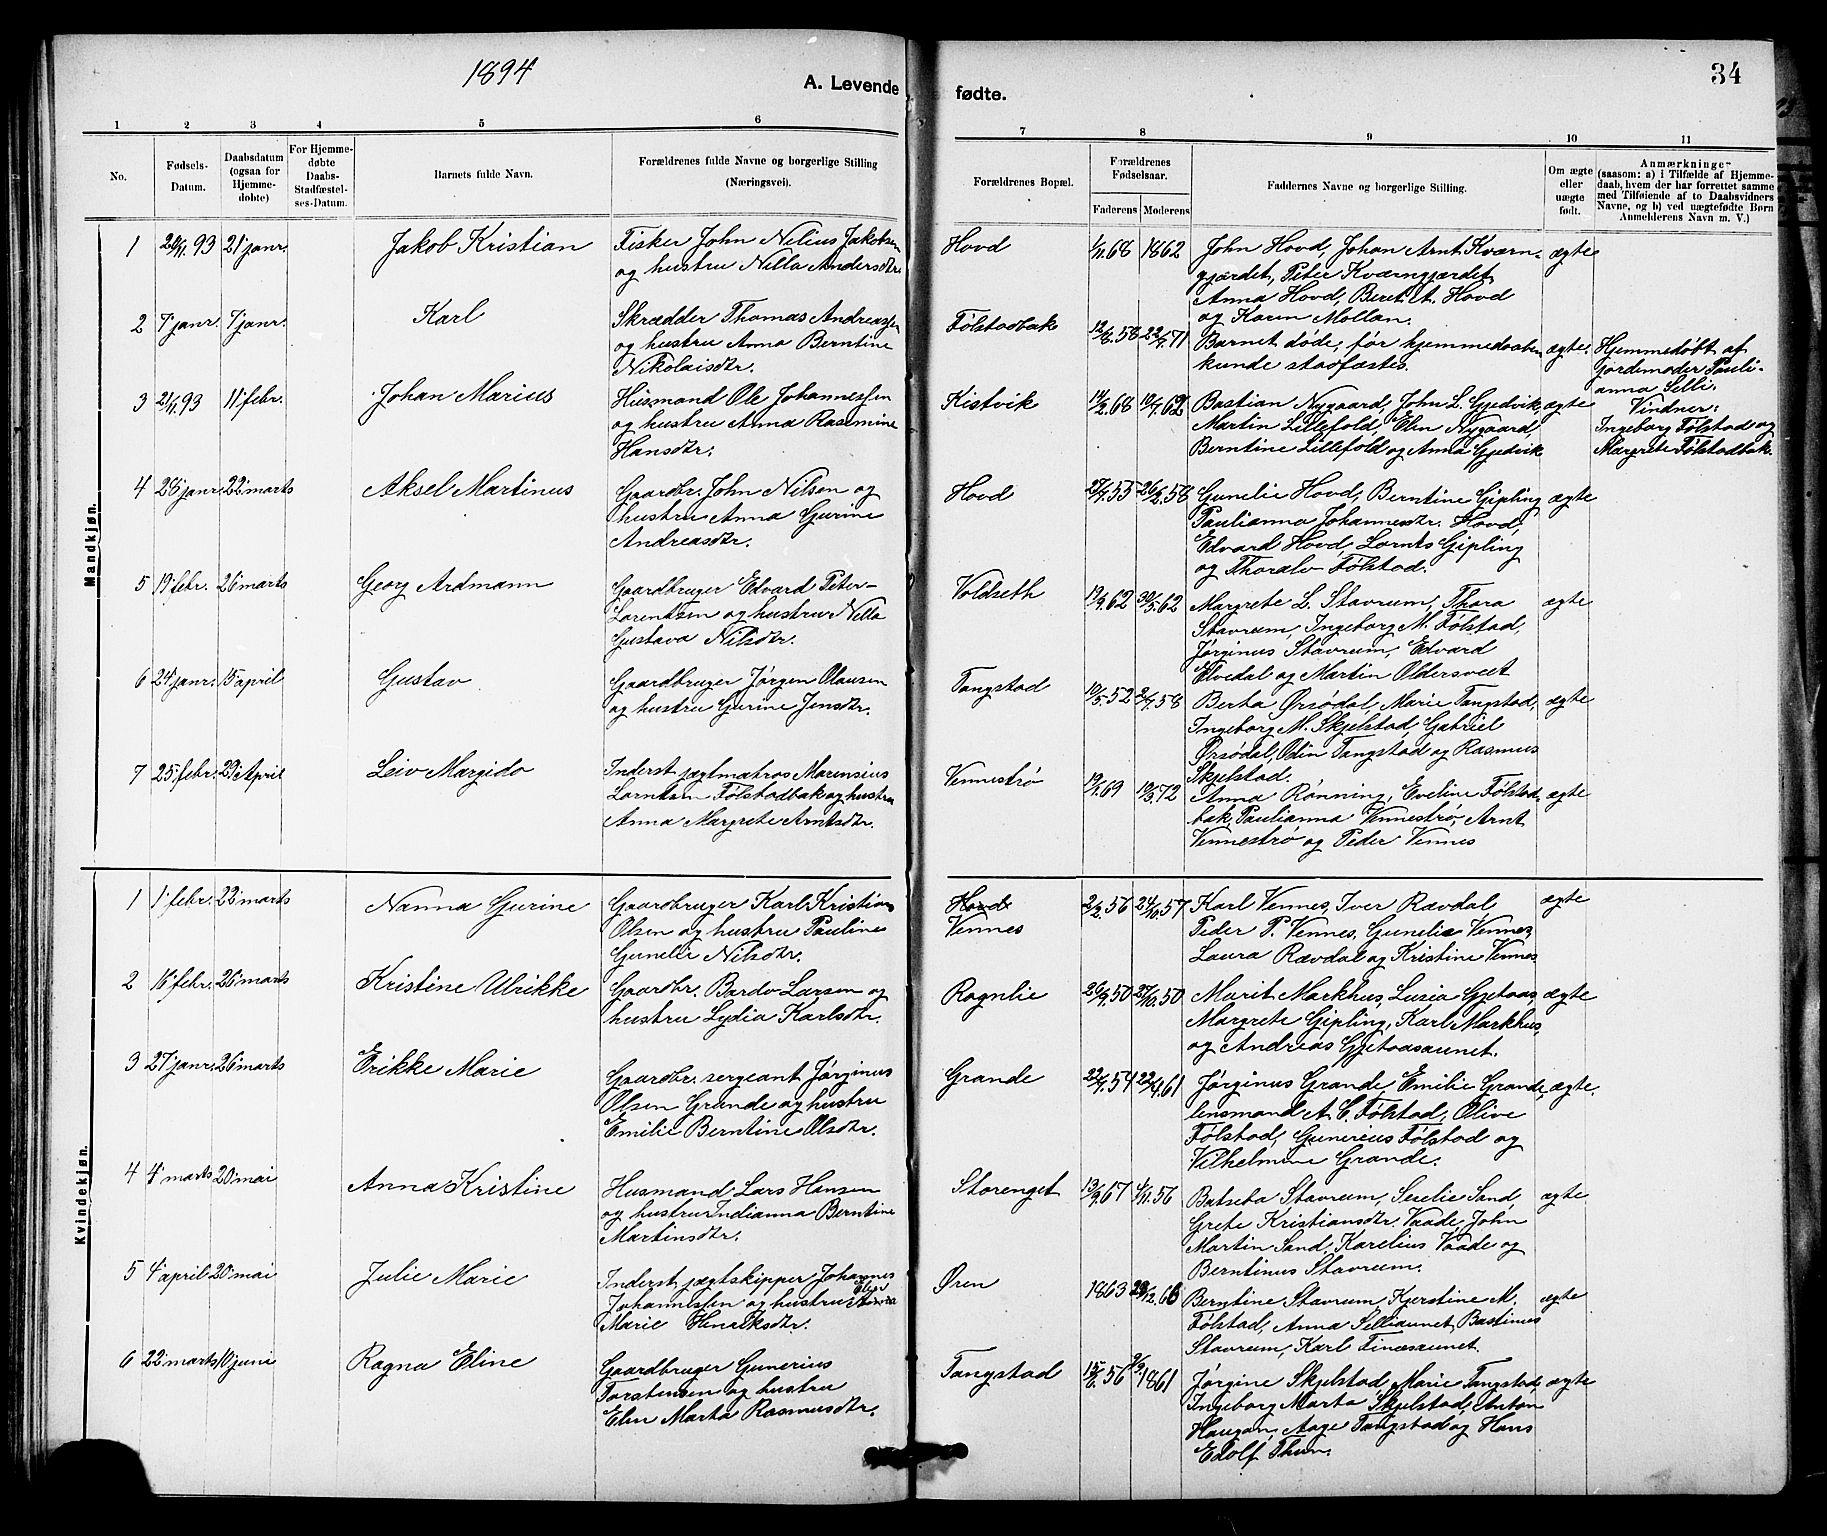 SAT, Ministerialprotokoller, klokkerbøker og fødselsregistre - Nord-Trøndelag, 744/L0423: Klokkerbok nr. 744C02, 1886-1905, s. 34